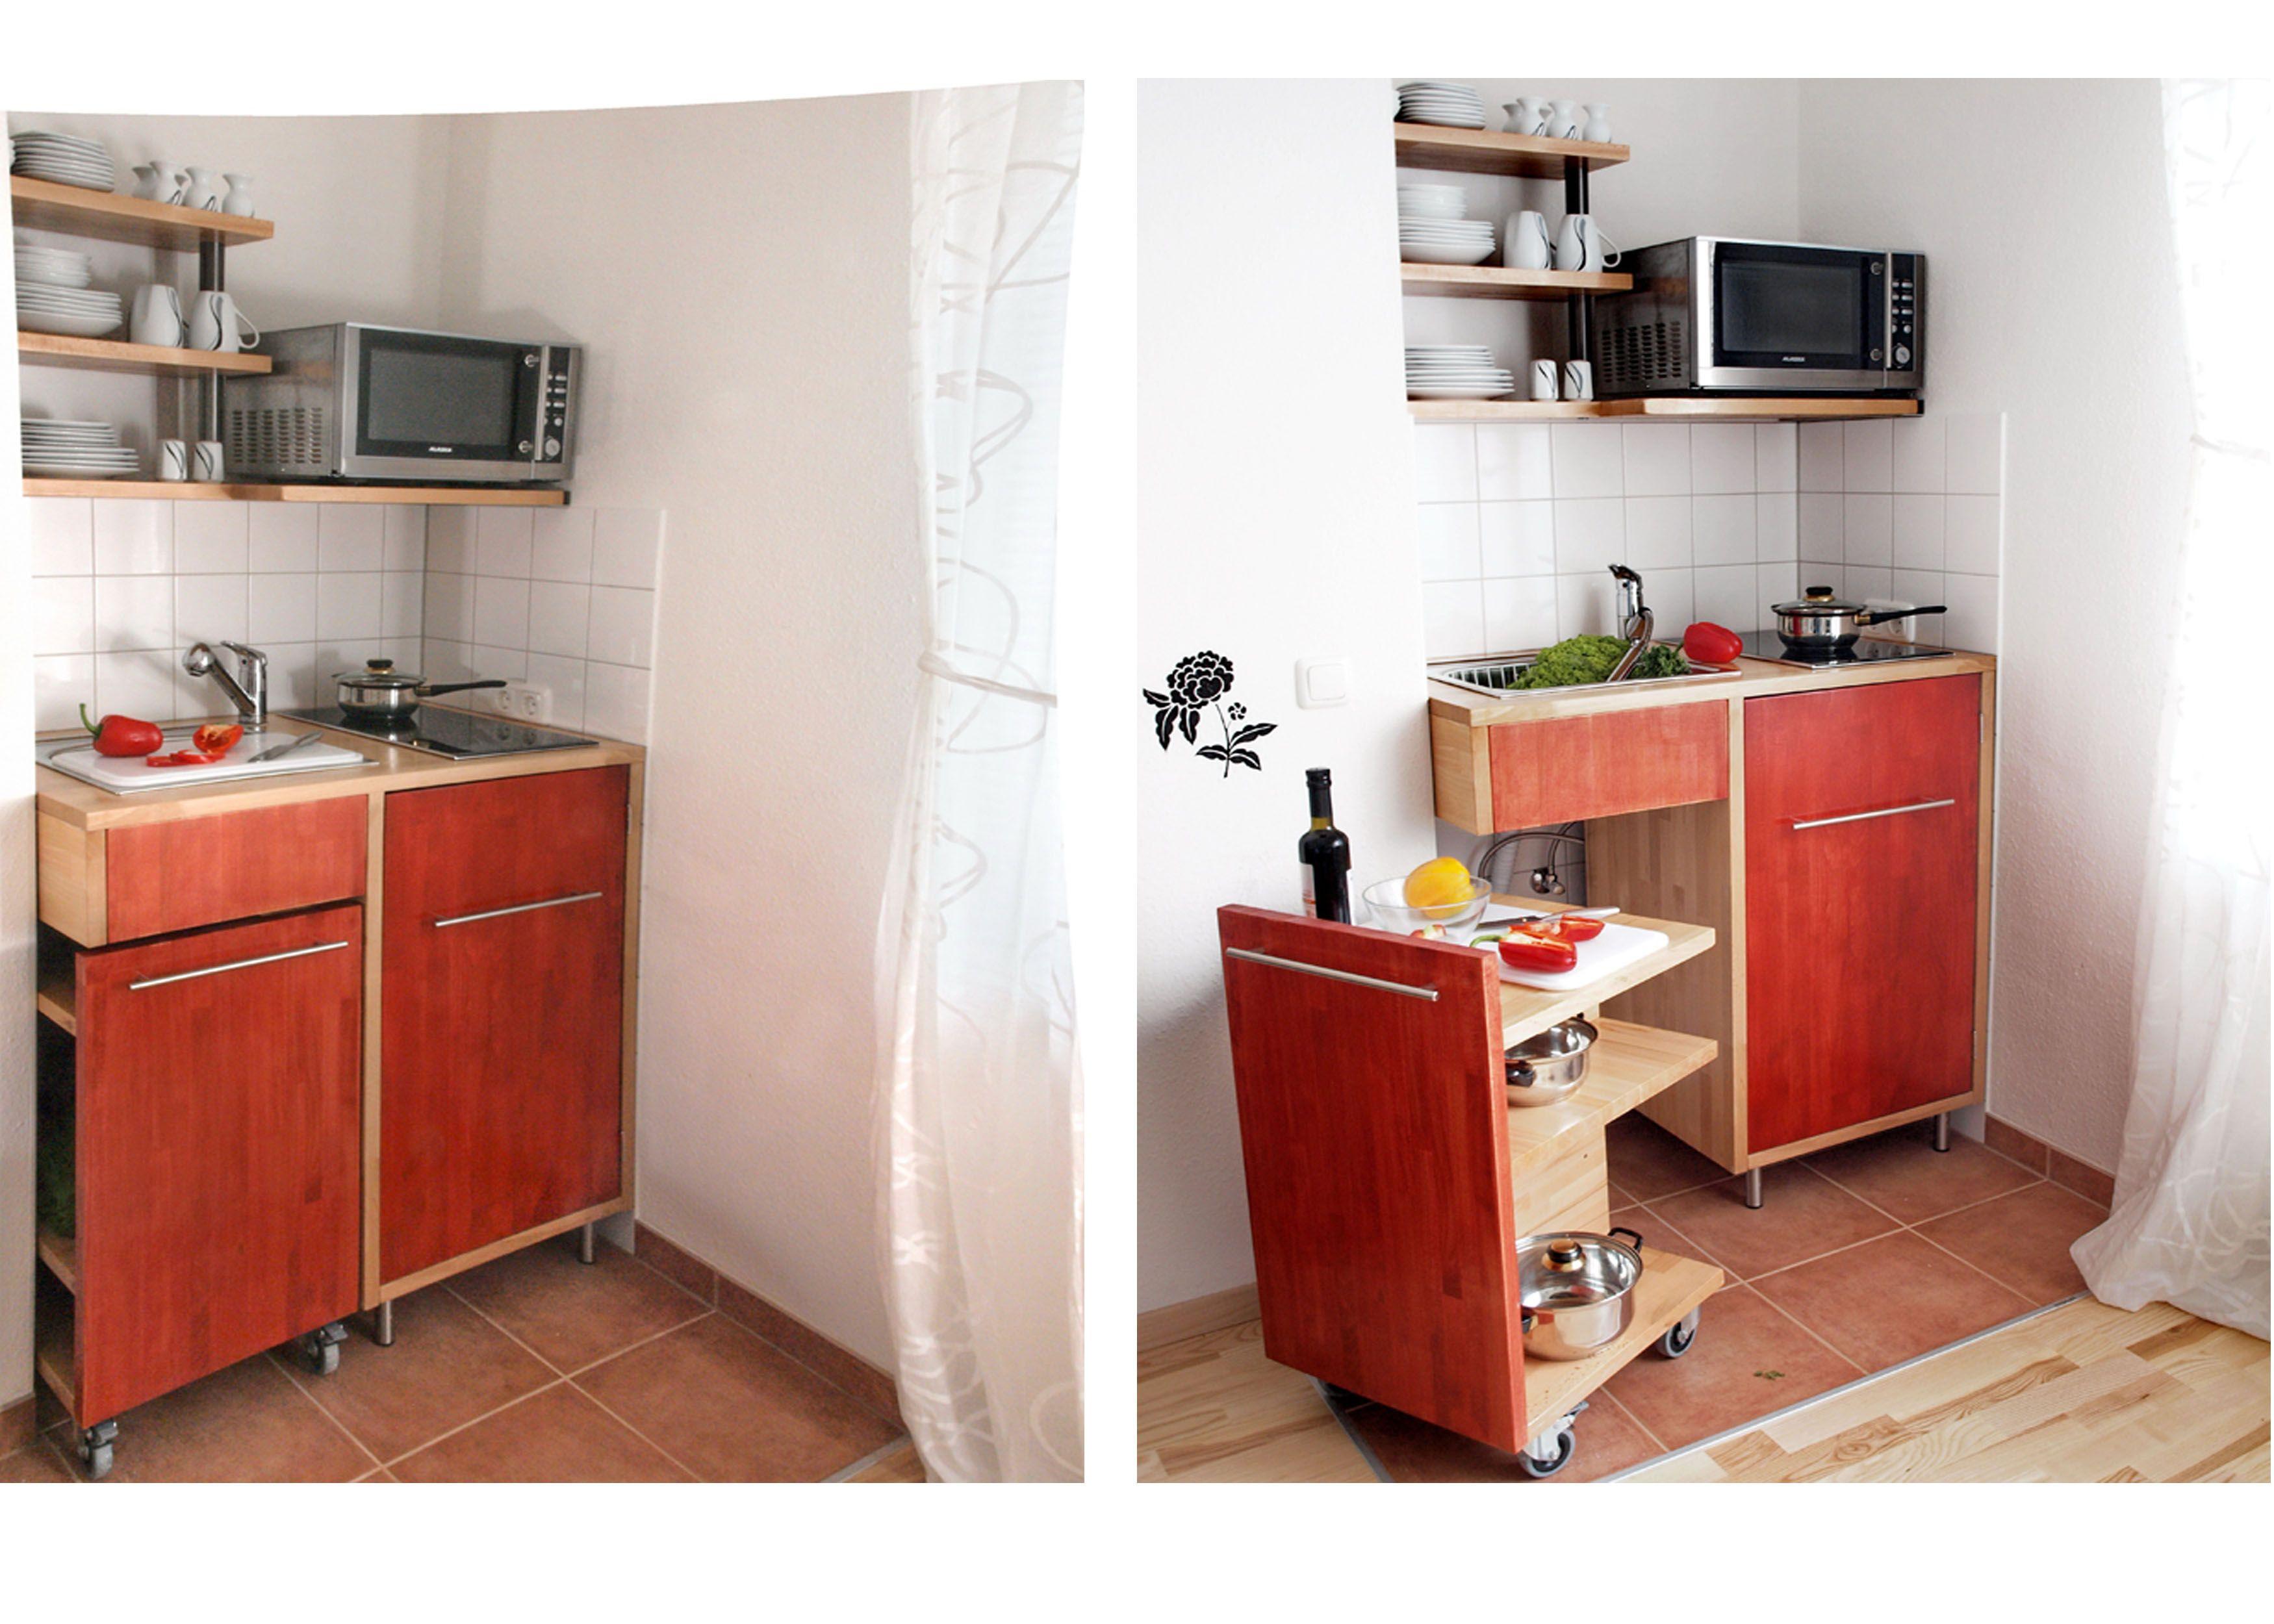 DIY-Küche für kleine Räume: Die erste eigene Wohnung hat keine Küche ...